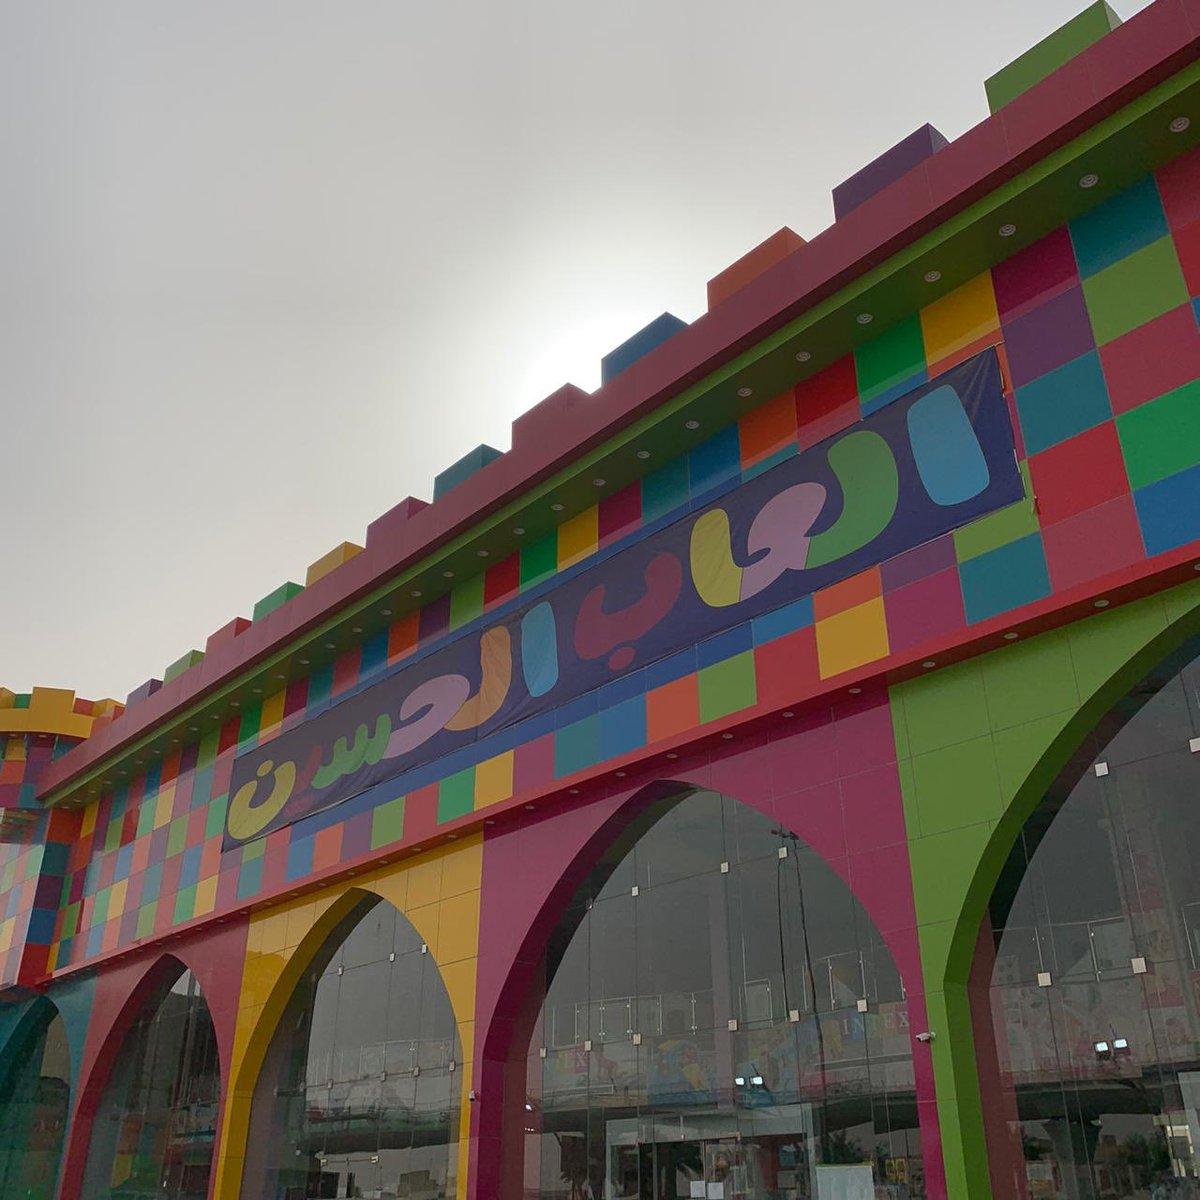 اسأل الرياض V Twitter اللي يبي كمامات بسعر مناسب لقيتها اليوم عند ألعاب الحسين العلبة بـ ٣٥ ريال العلبة تحتوي على 50 حبة الكمامة تتكون من ٣ طبقات